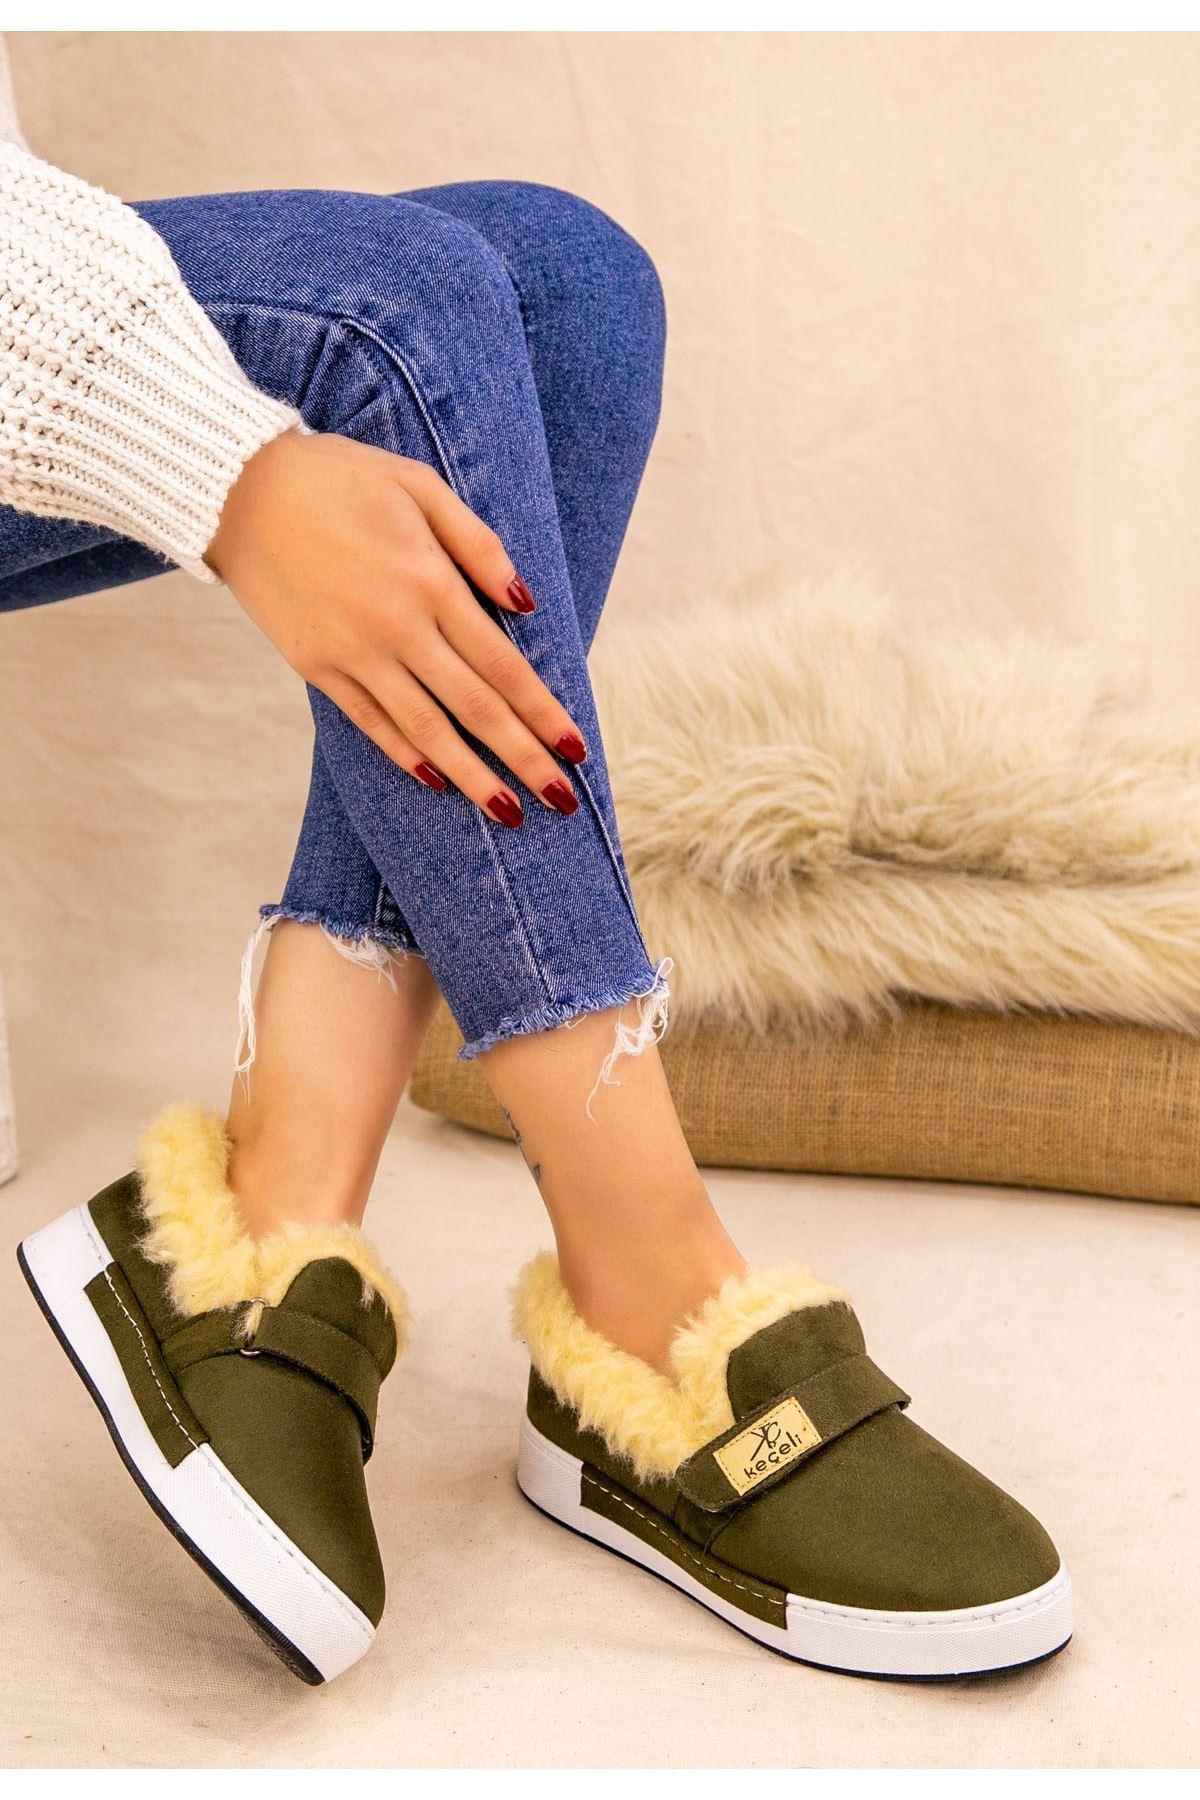 Rion Haki Yeşil Süer Babet Ayakkabı